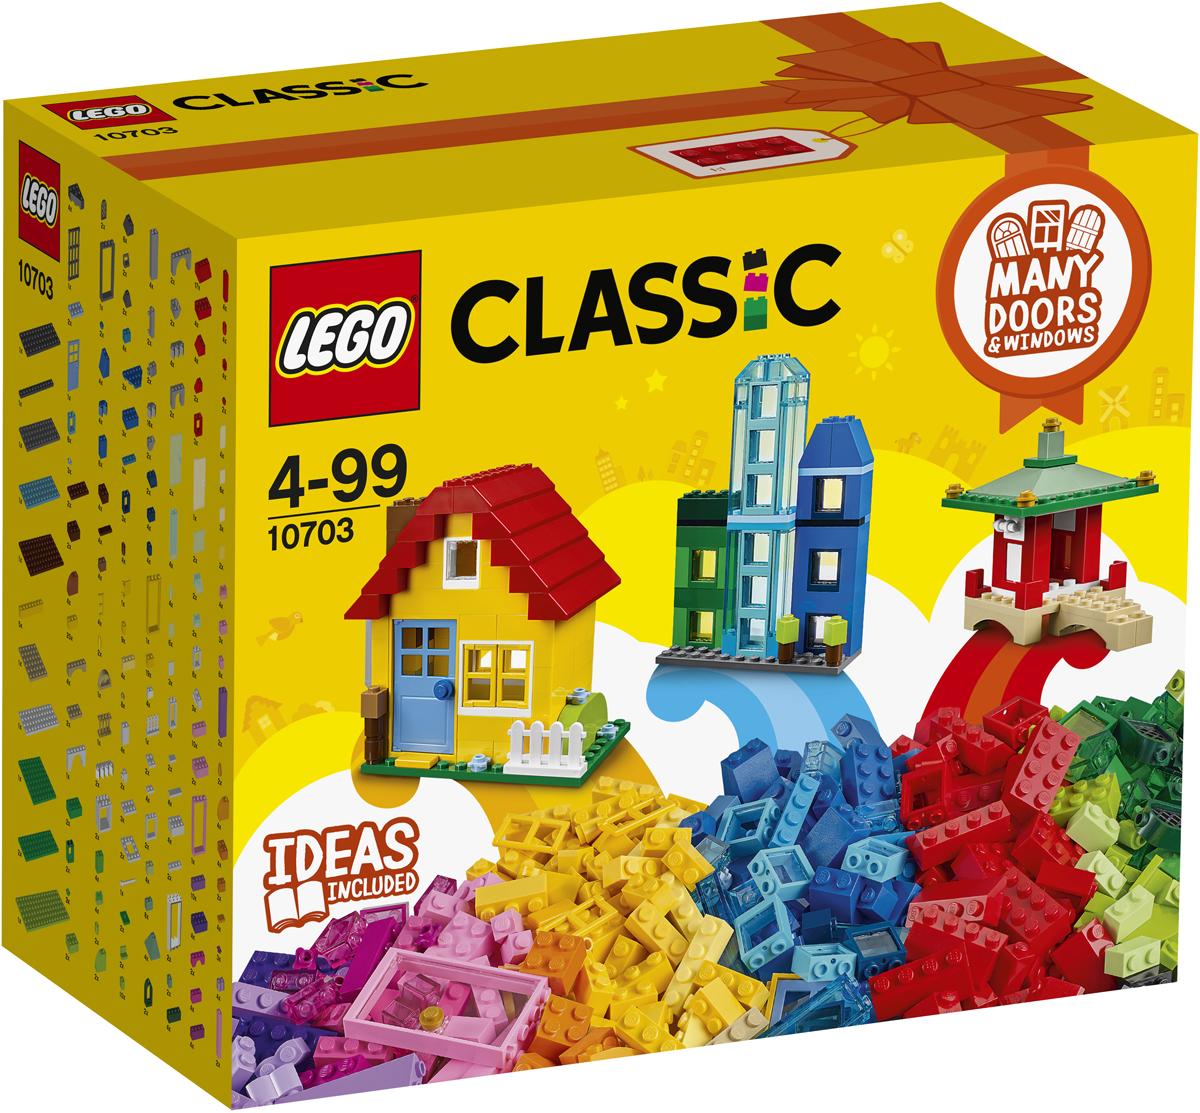 LEGO Classic Конструктор Набор для творческого конструирования 10703 lego classic конструктор дополнение к набору для творчества яркие цвета 10693